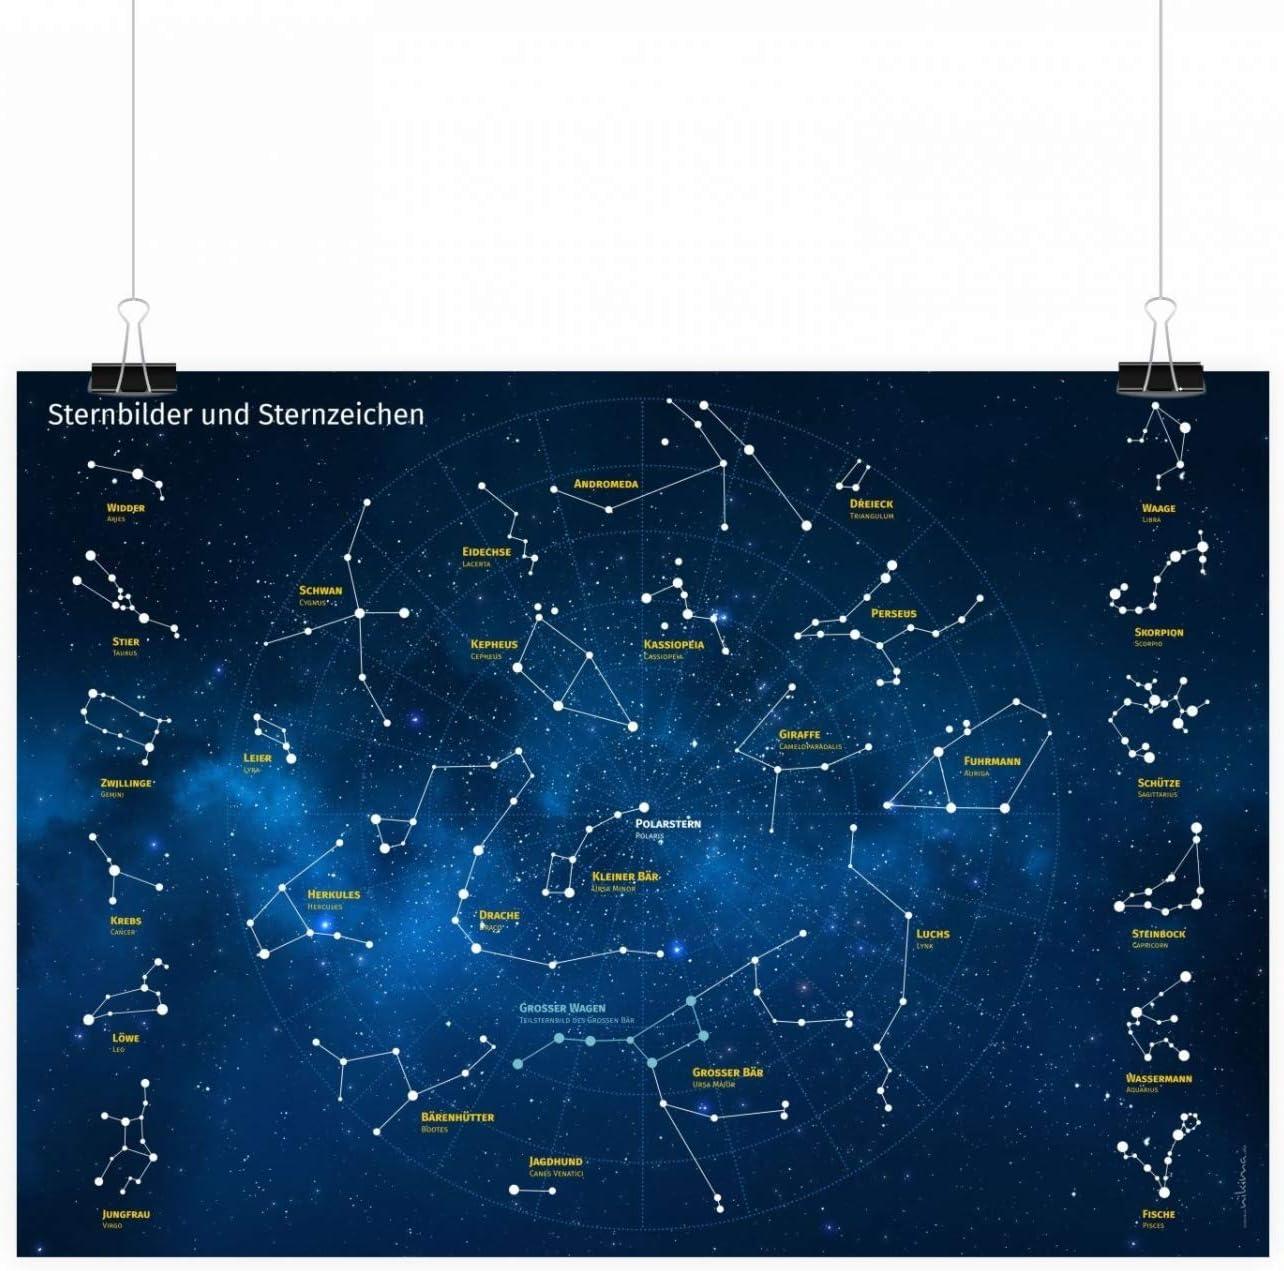 Wanddeko Kinderzimmer Sternenhimmel Deutsch und Latein Kinder Lernposter Sternbilder und Sternzeichen Gr/ö/ße DIN A1-841 x 594 mm